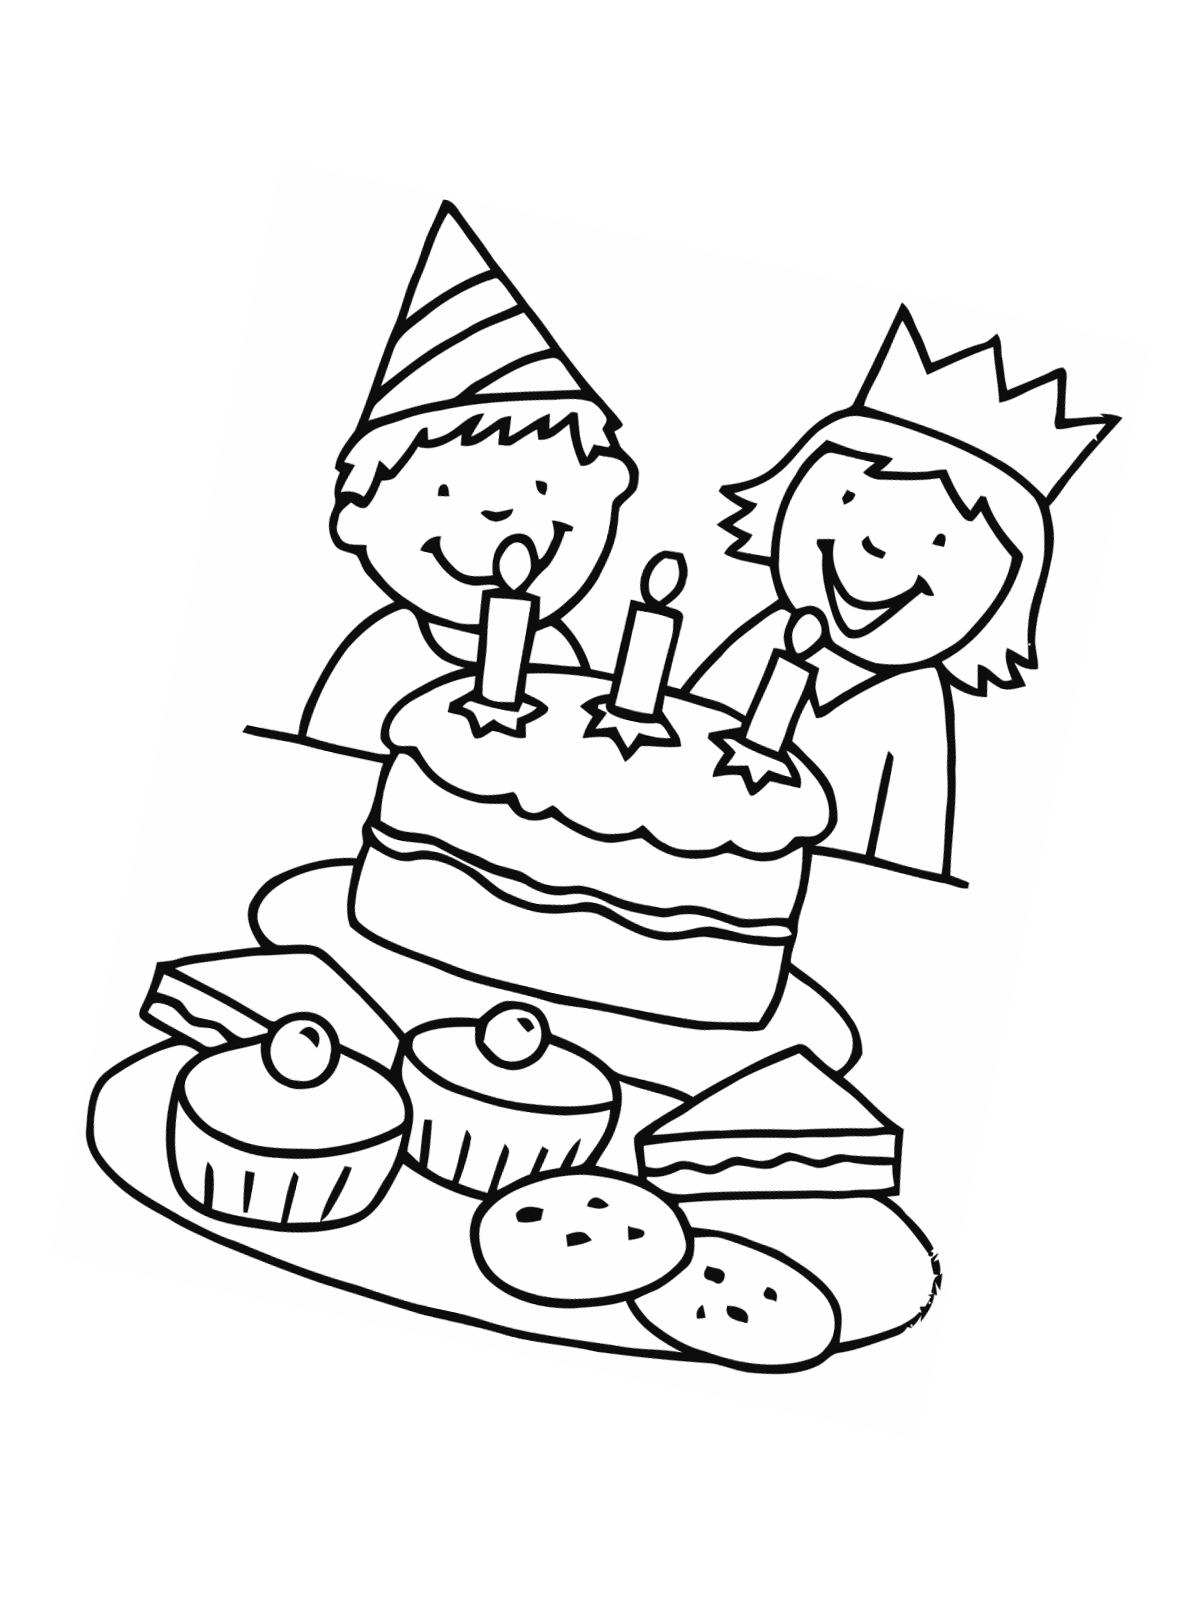 Ausmalbilder Geburtstag 49 : Ausmalbilder F R Kinder Zum Geburtstag Die Beste Idee Zum Ausmalen